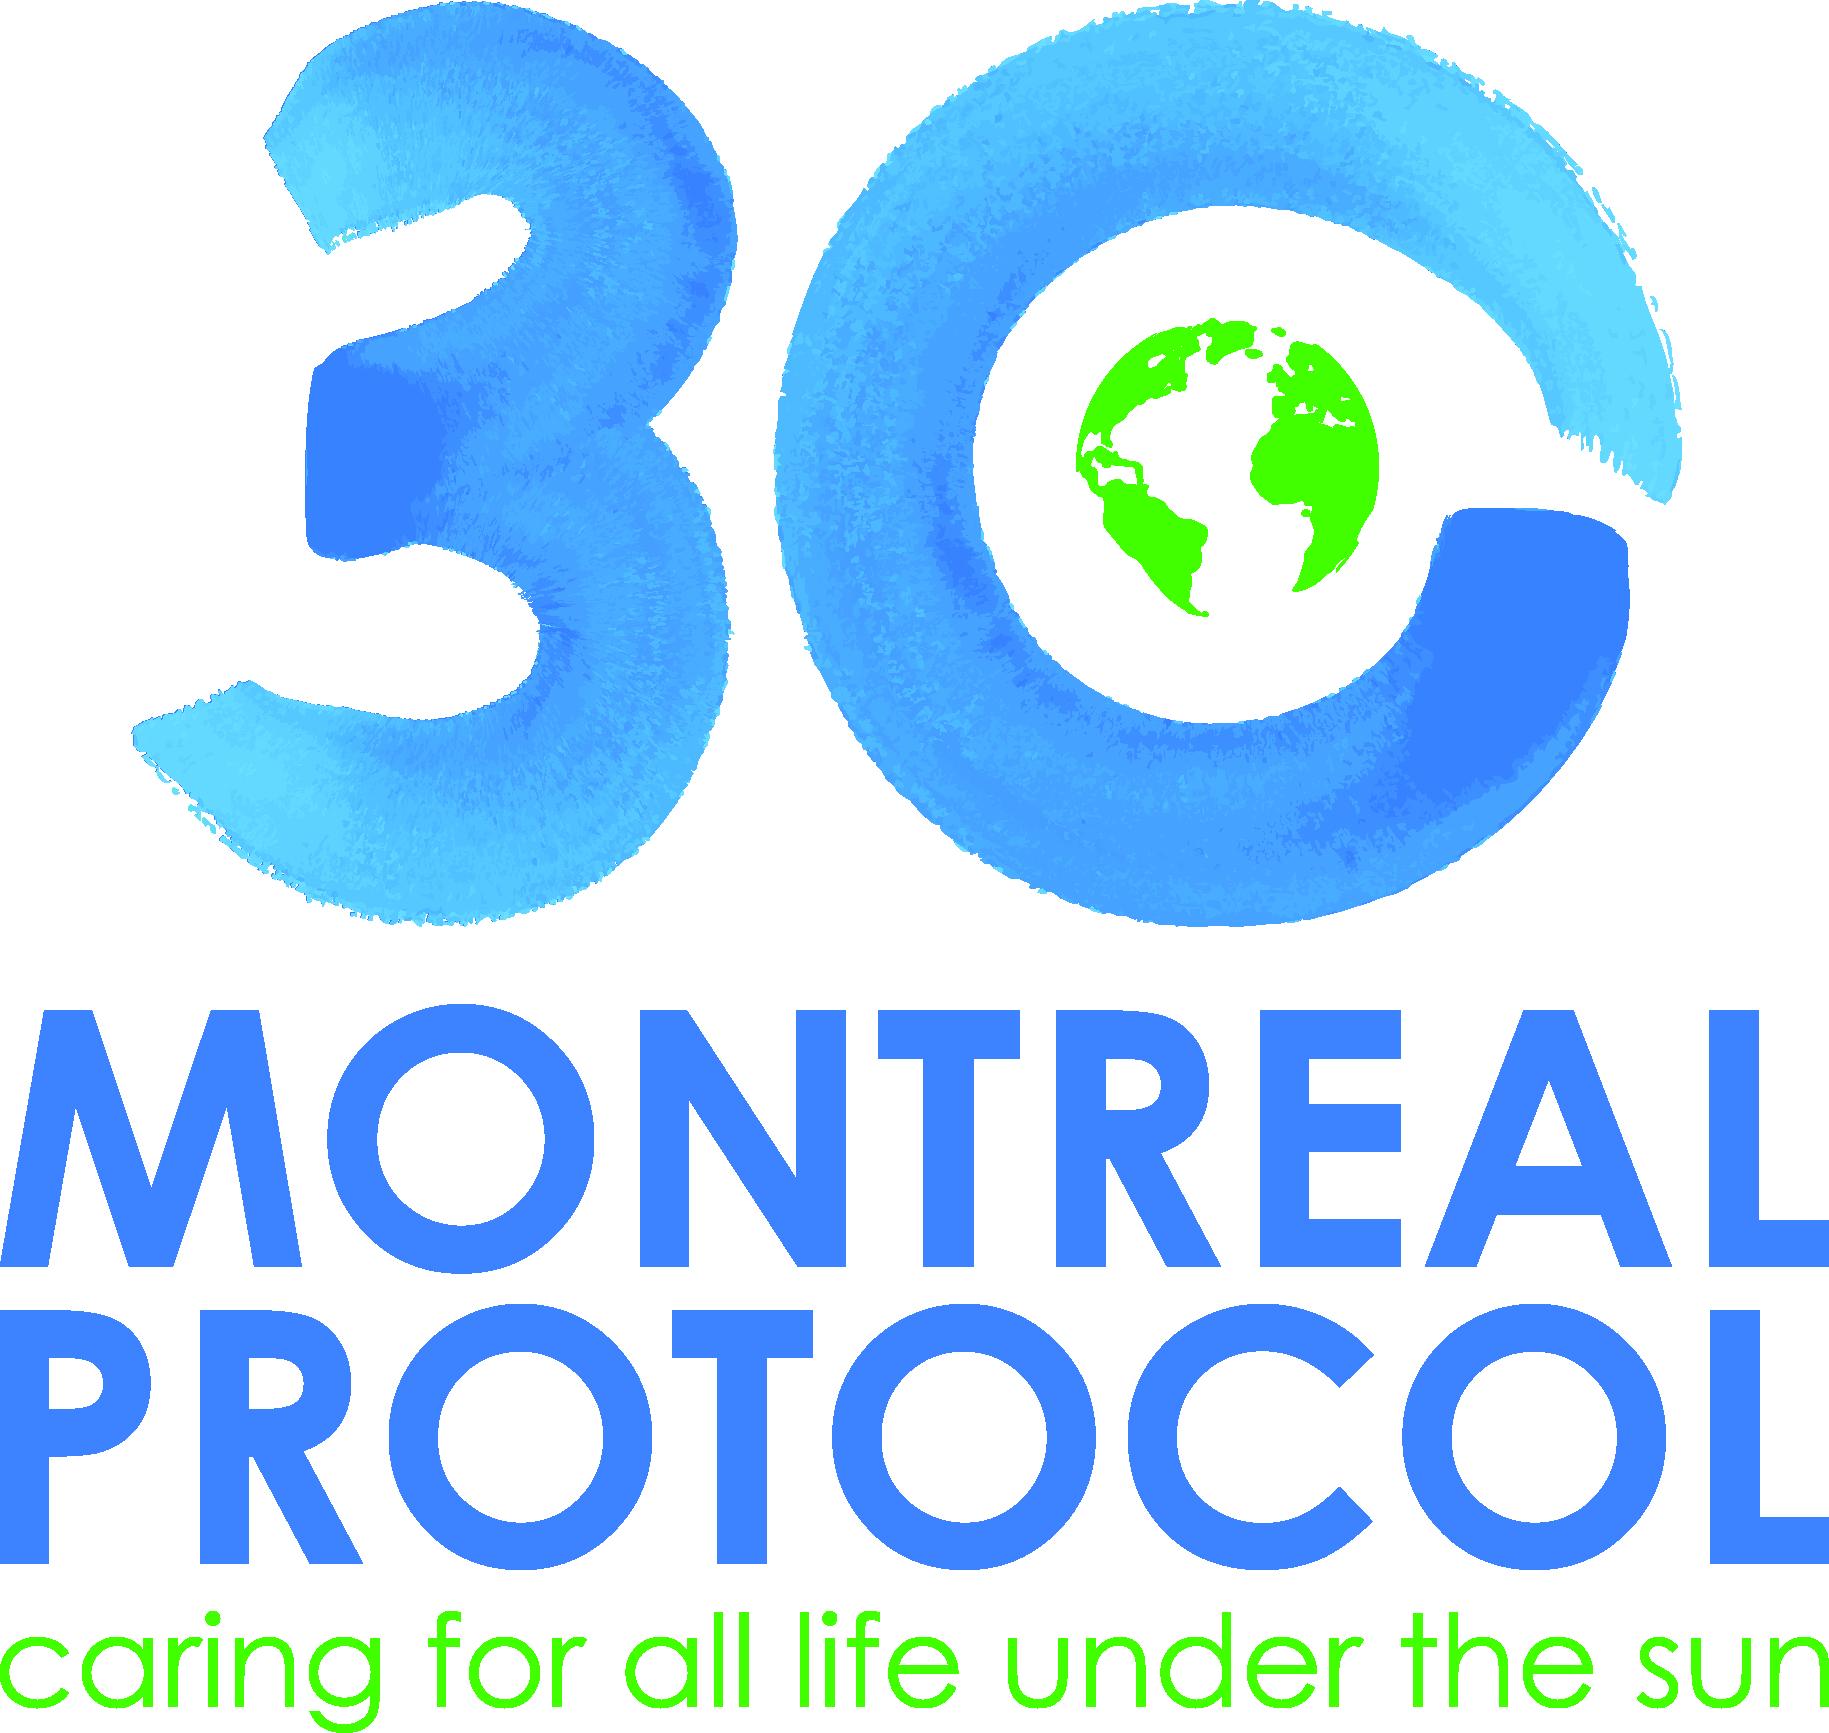 ۳۰ سال از امضای پروتکل مونترال گذشته است. پروتکلی که با اجرایش لایه ازن از تخریب بیشتر محافظت گردید.